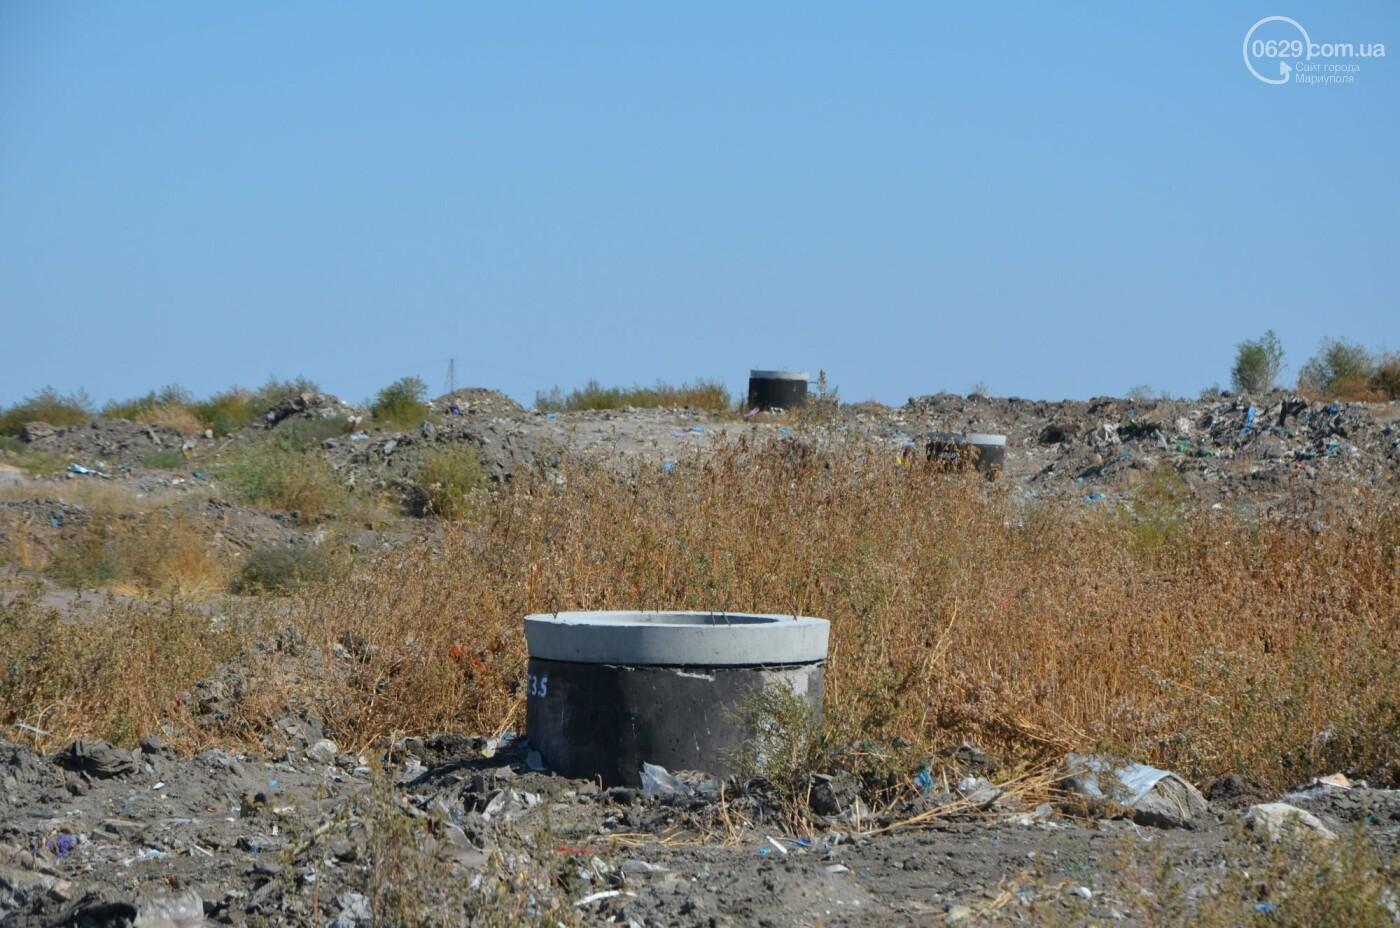 Как в Мариуполе свалочный полигон готовится стать «электростанцией», - ФОТОРЕПОРТАЖ, фото-1